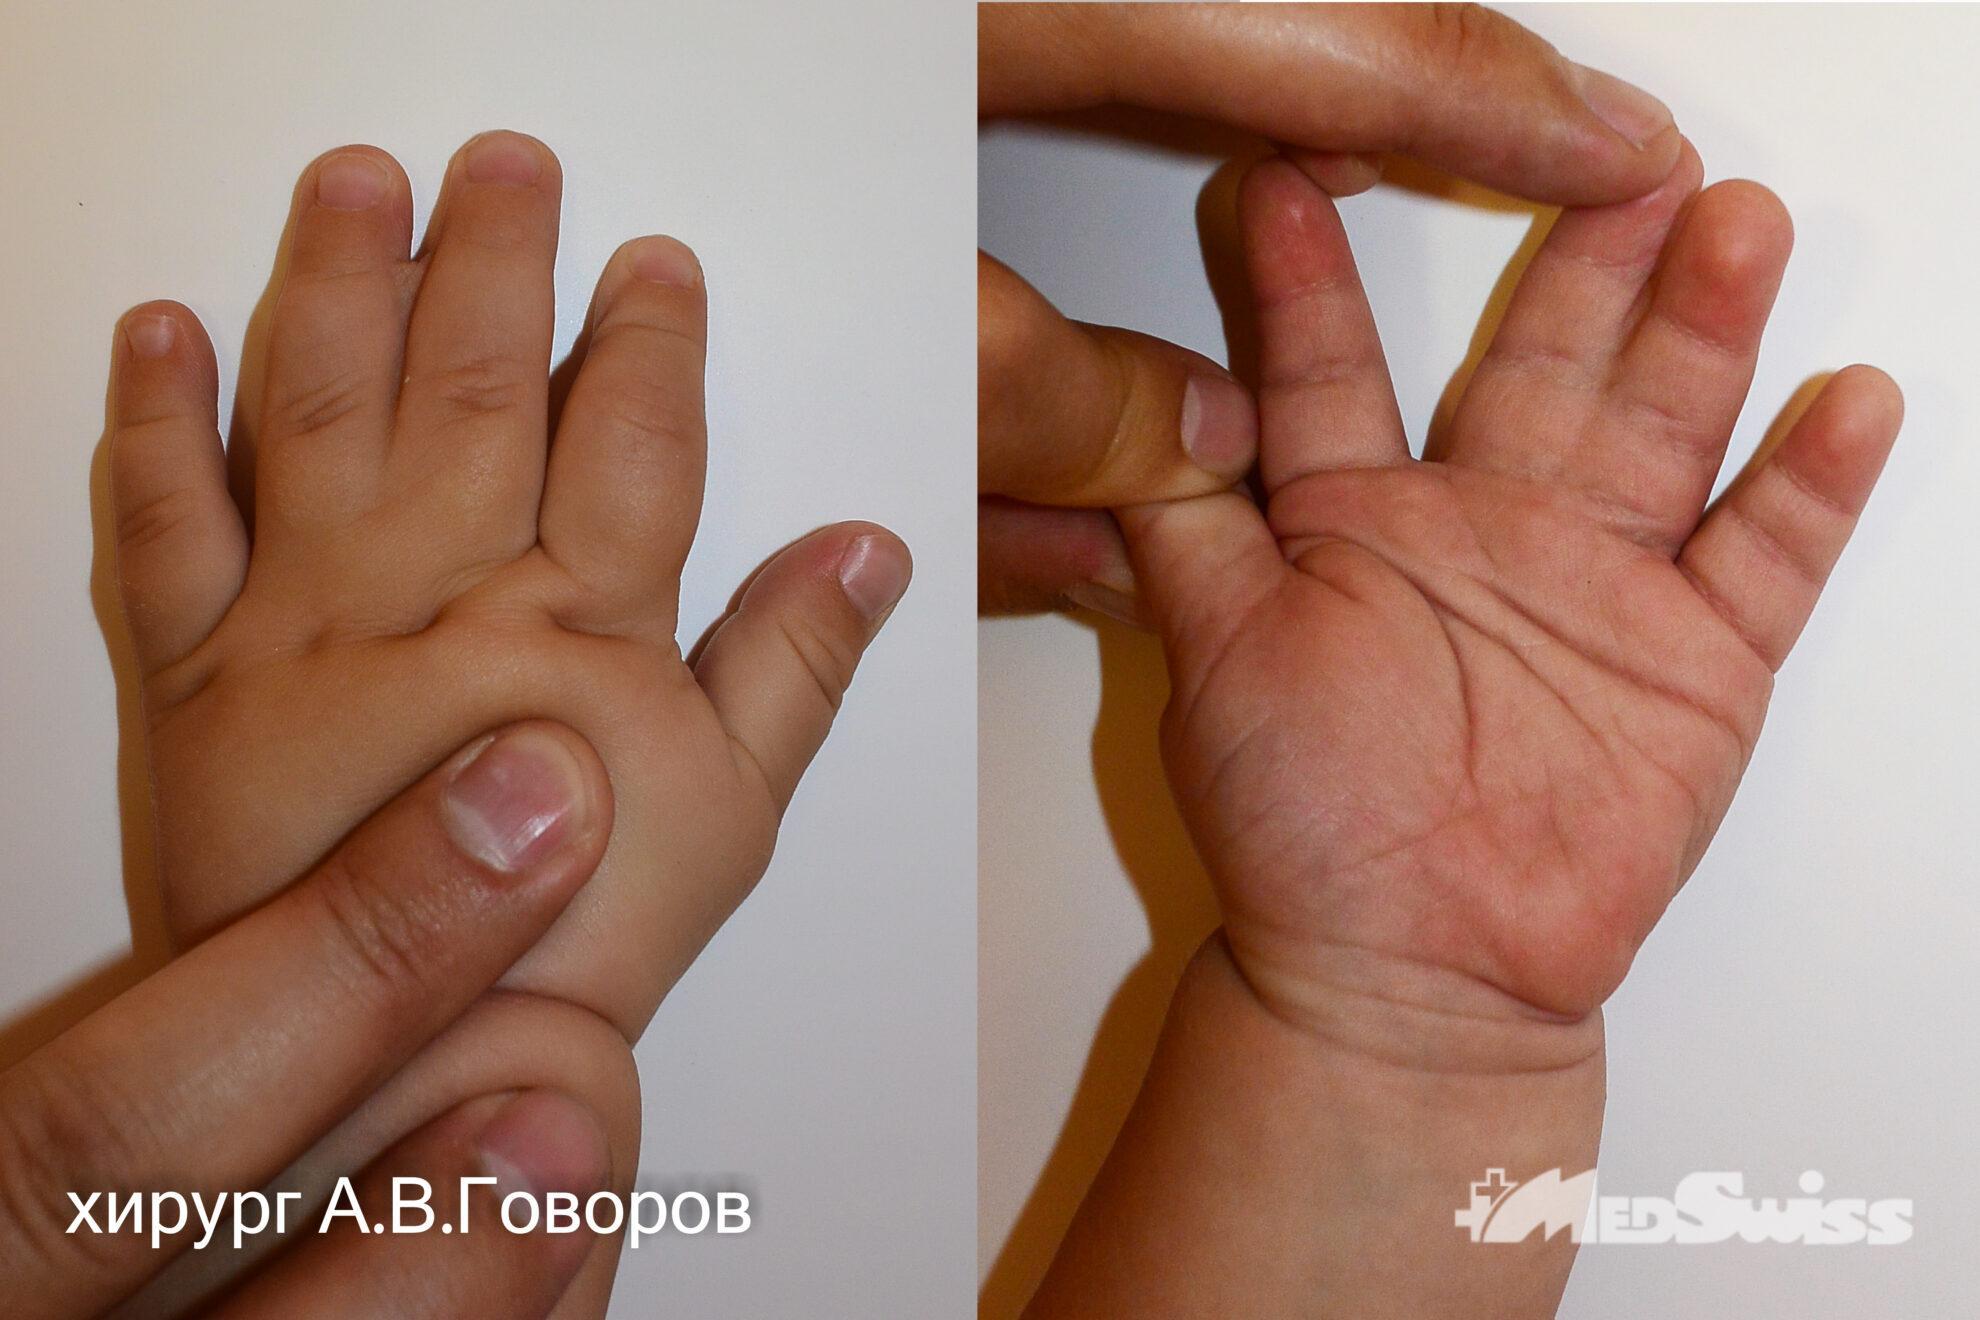 Врожденнаясиндактилия пальцевлевойкистихирургГоворов